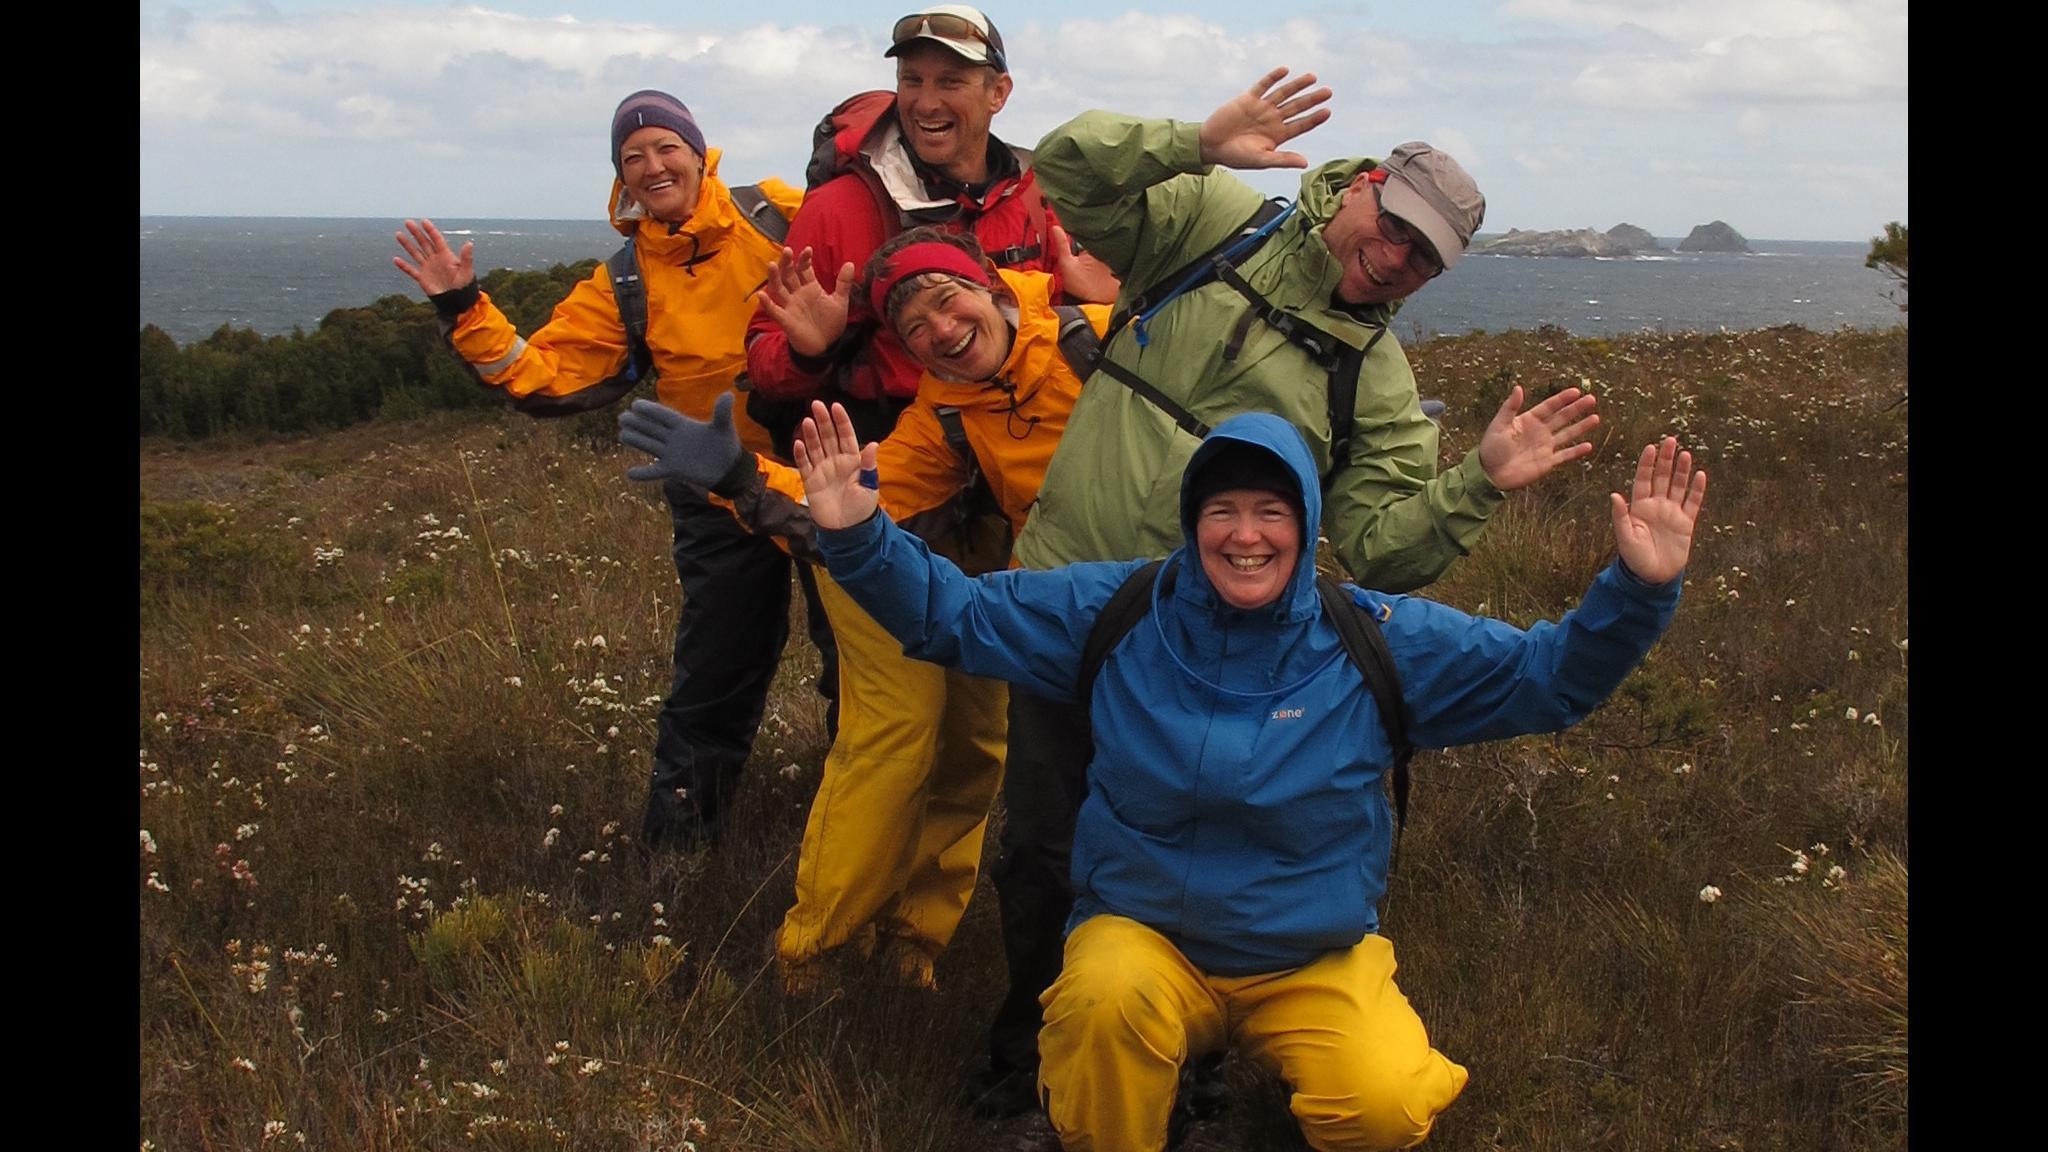 Roaring 40s Kayaking - Bushwalking tours walking on Mt Beattie, Southwest Tasmania